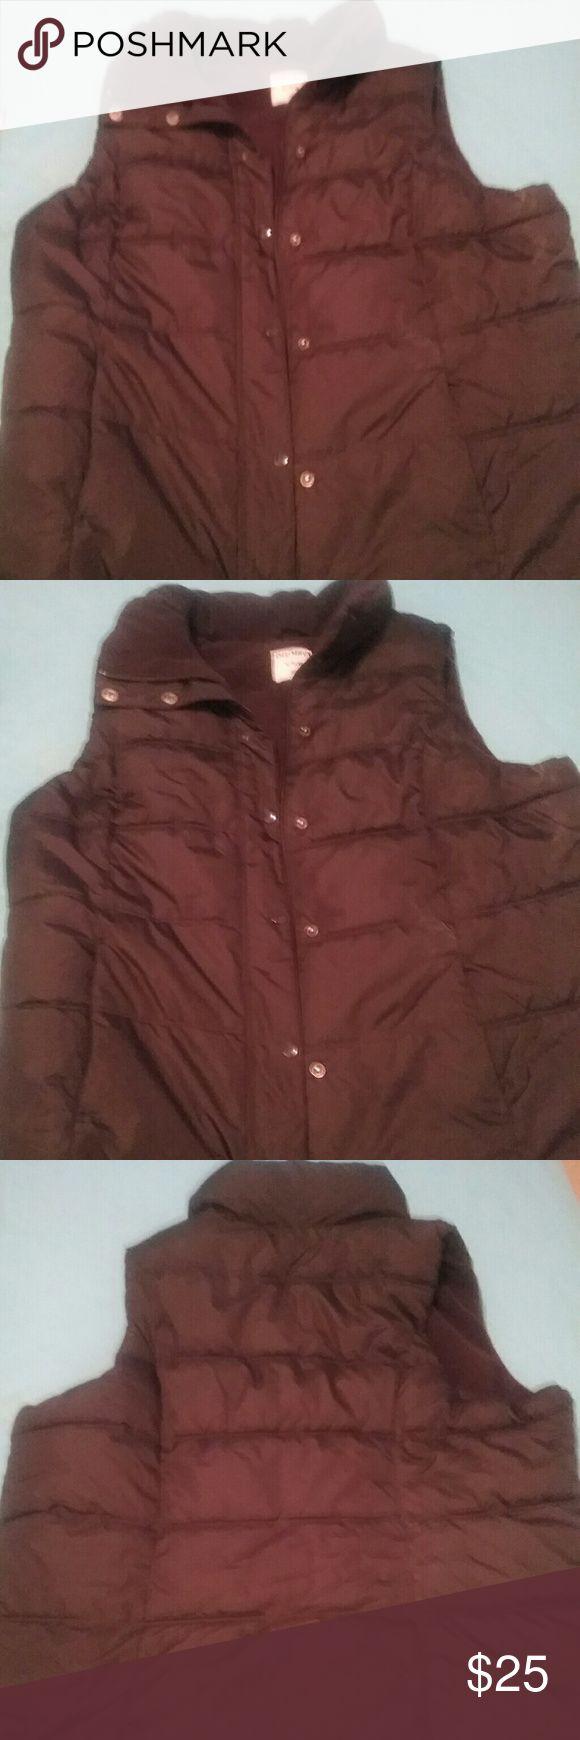 Old Navy vest Black Jackets & Coats Vests